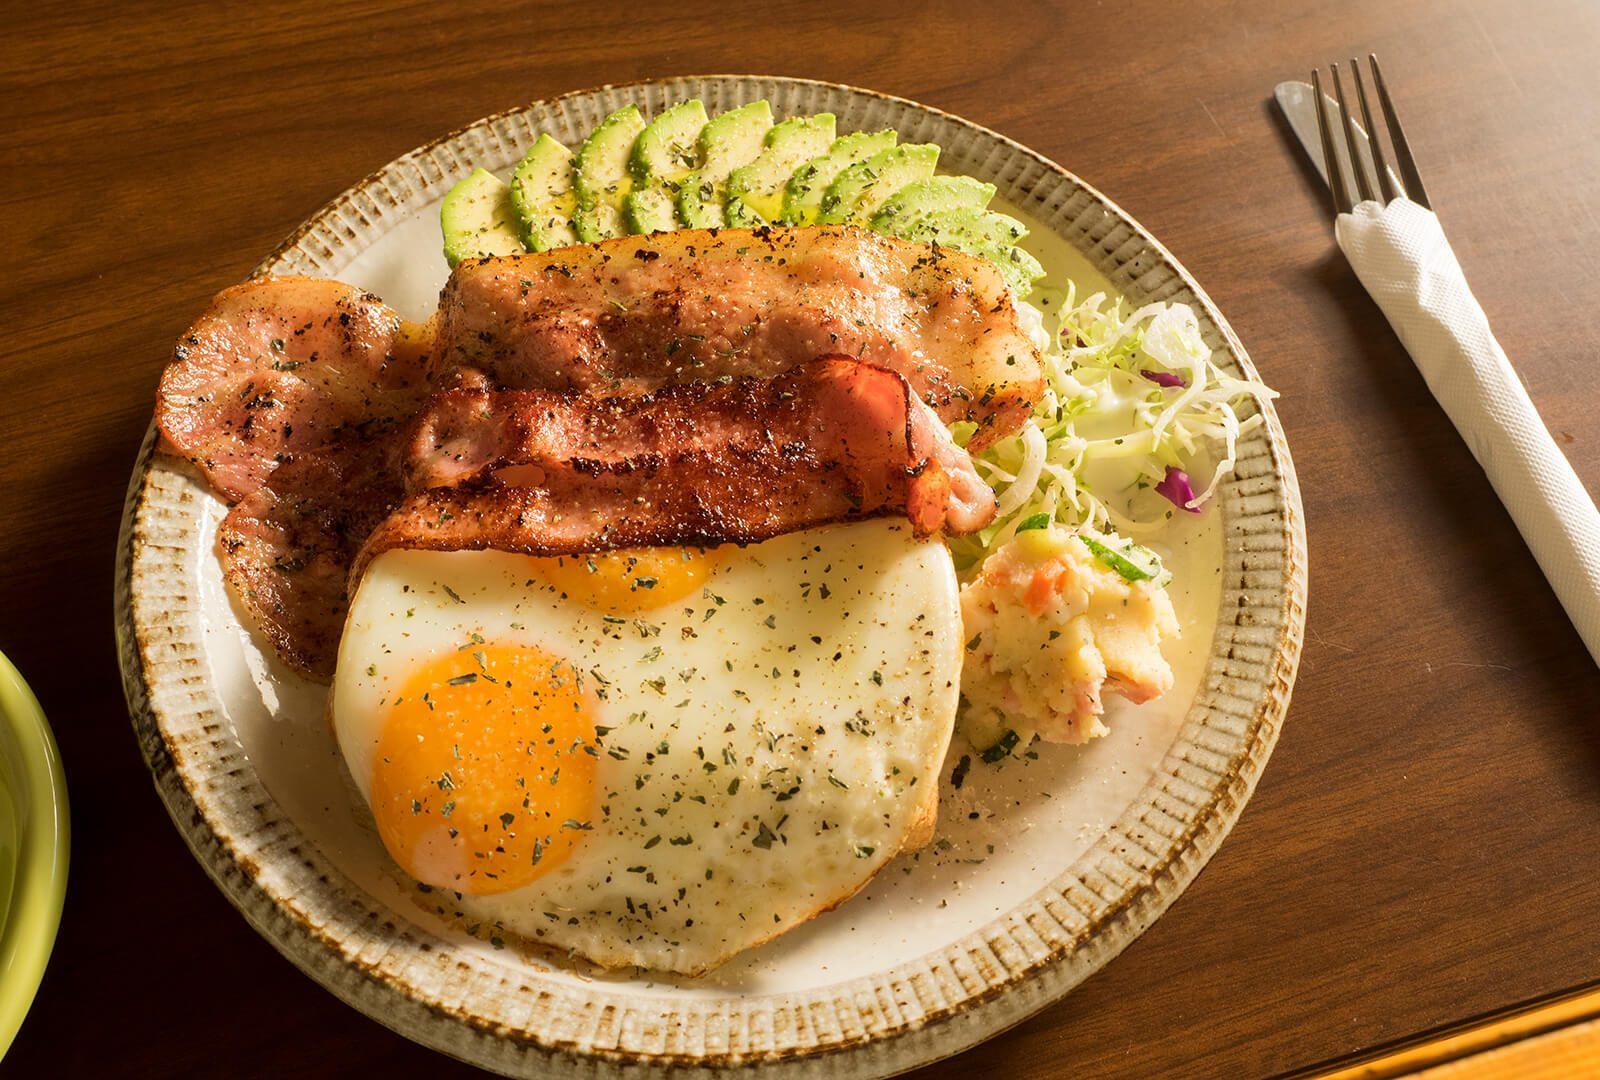 沖縄でおいしい朝食が食べられるお店・カフェまとめ特集